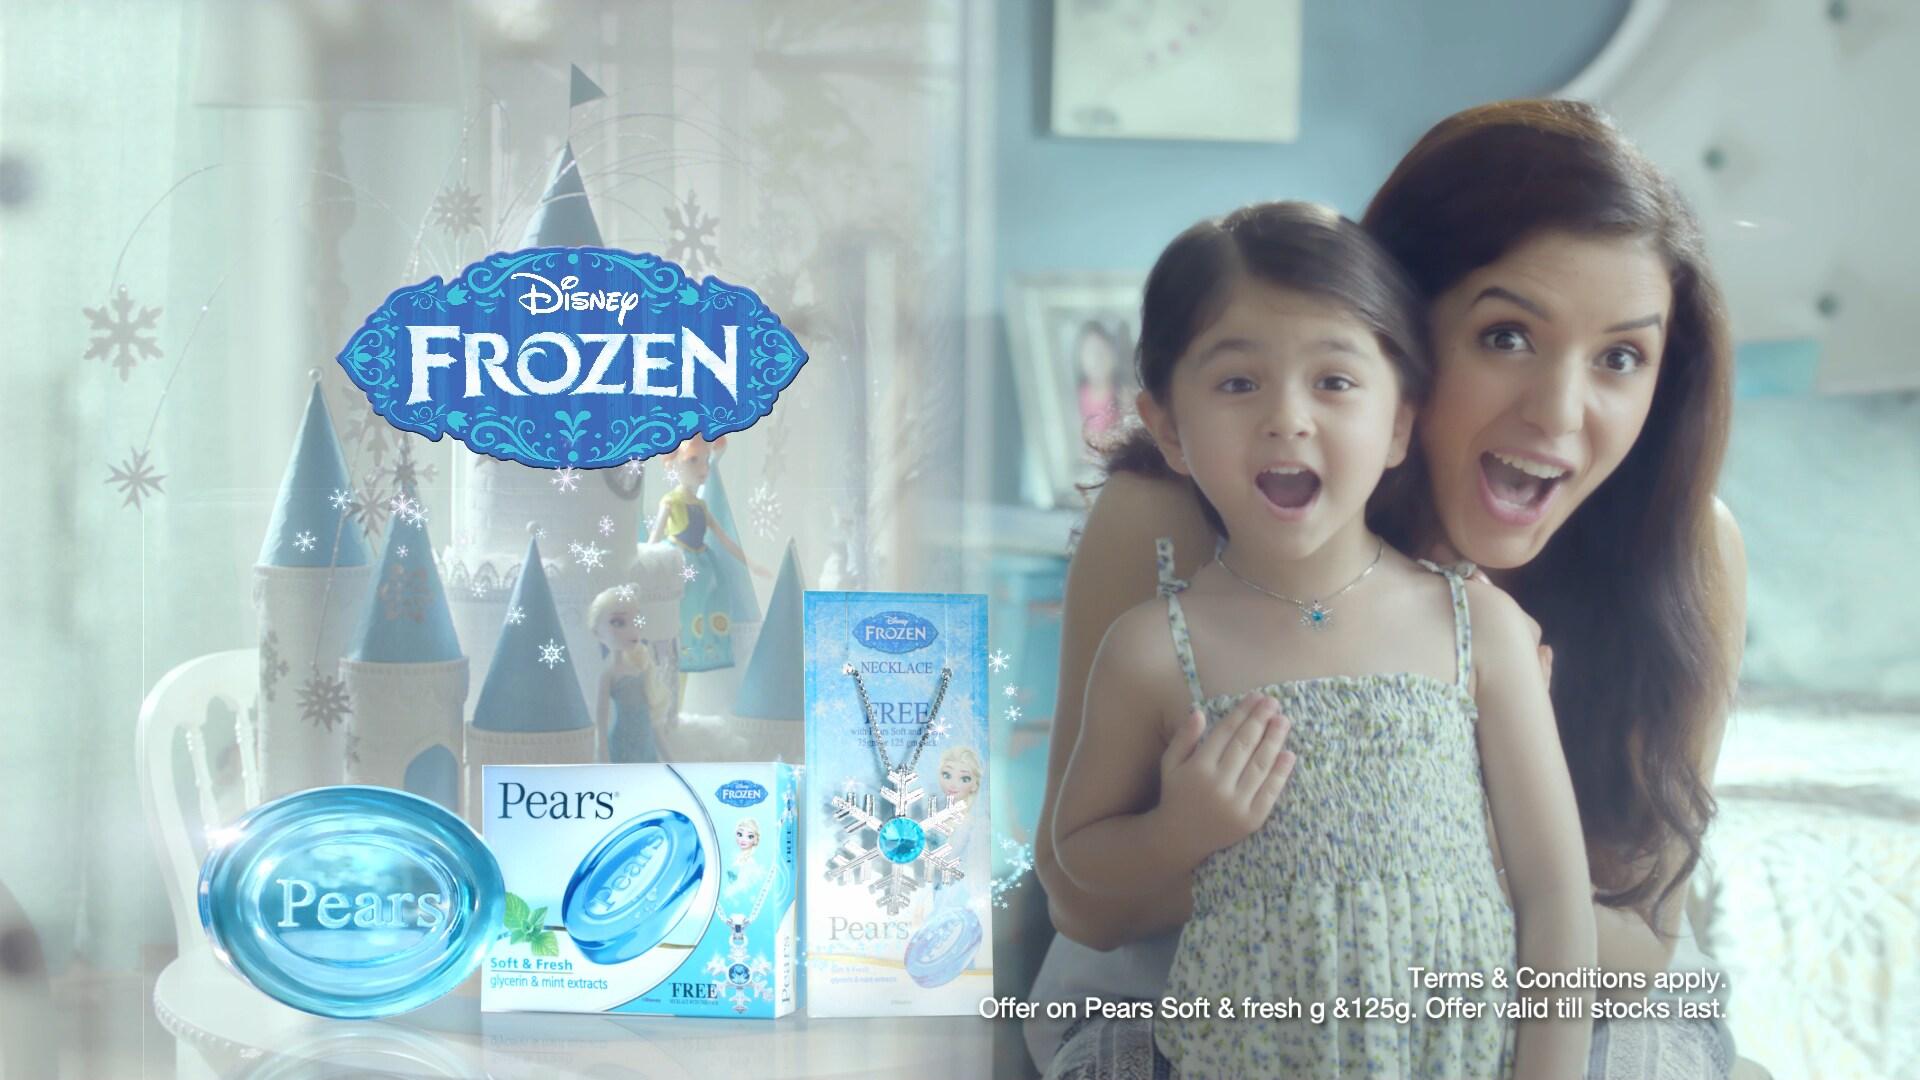 Disney Frozen x Pears IN